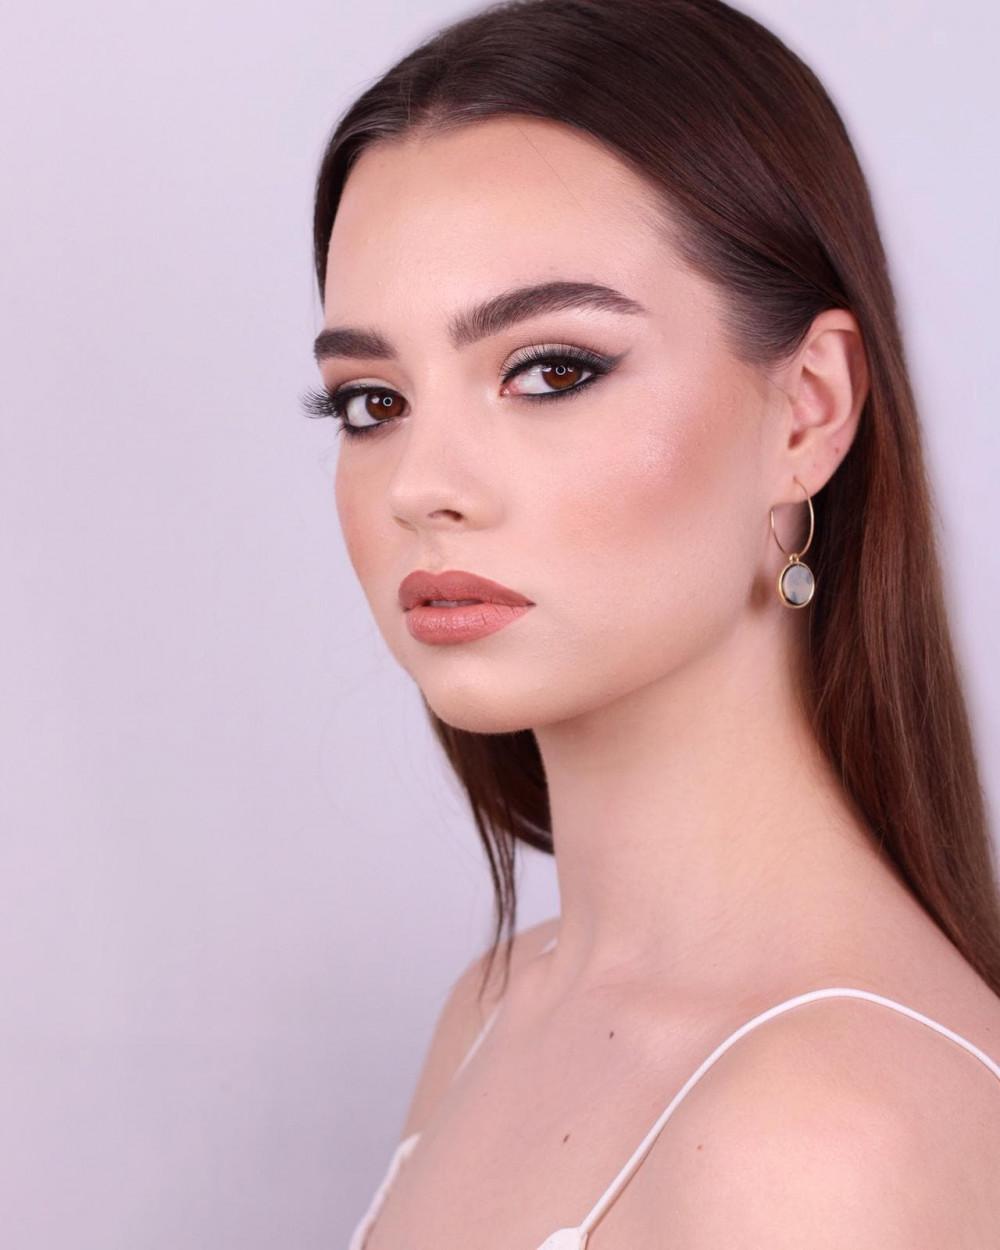 - Make Me Bridal Artist: Christiane Dowling Makeup Artistry. #classic #naturalmakeup #bridalmakeup #perfectmakeup #makeup #glowingskin #weddingmakeup